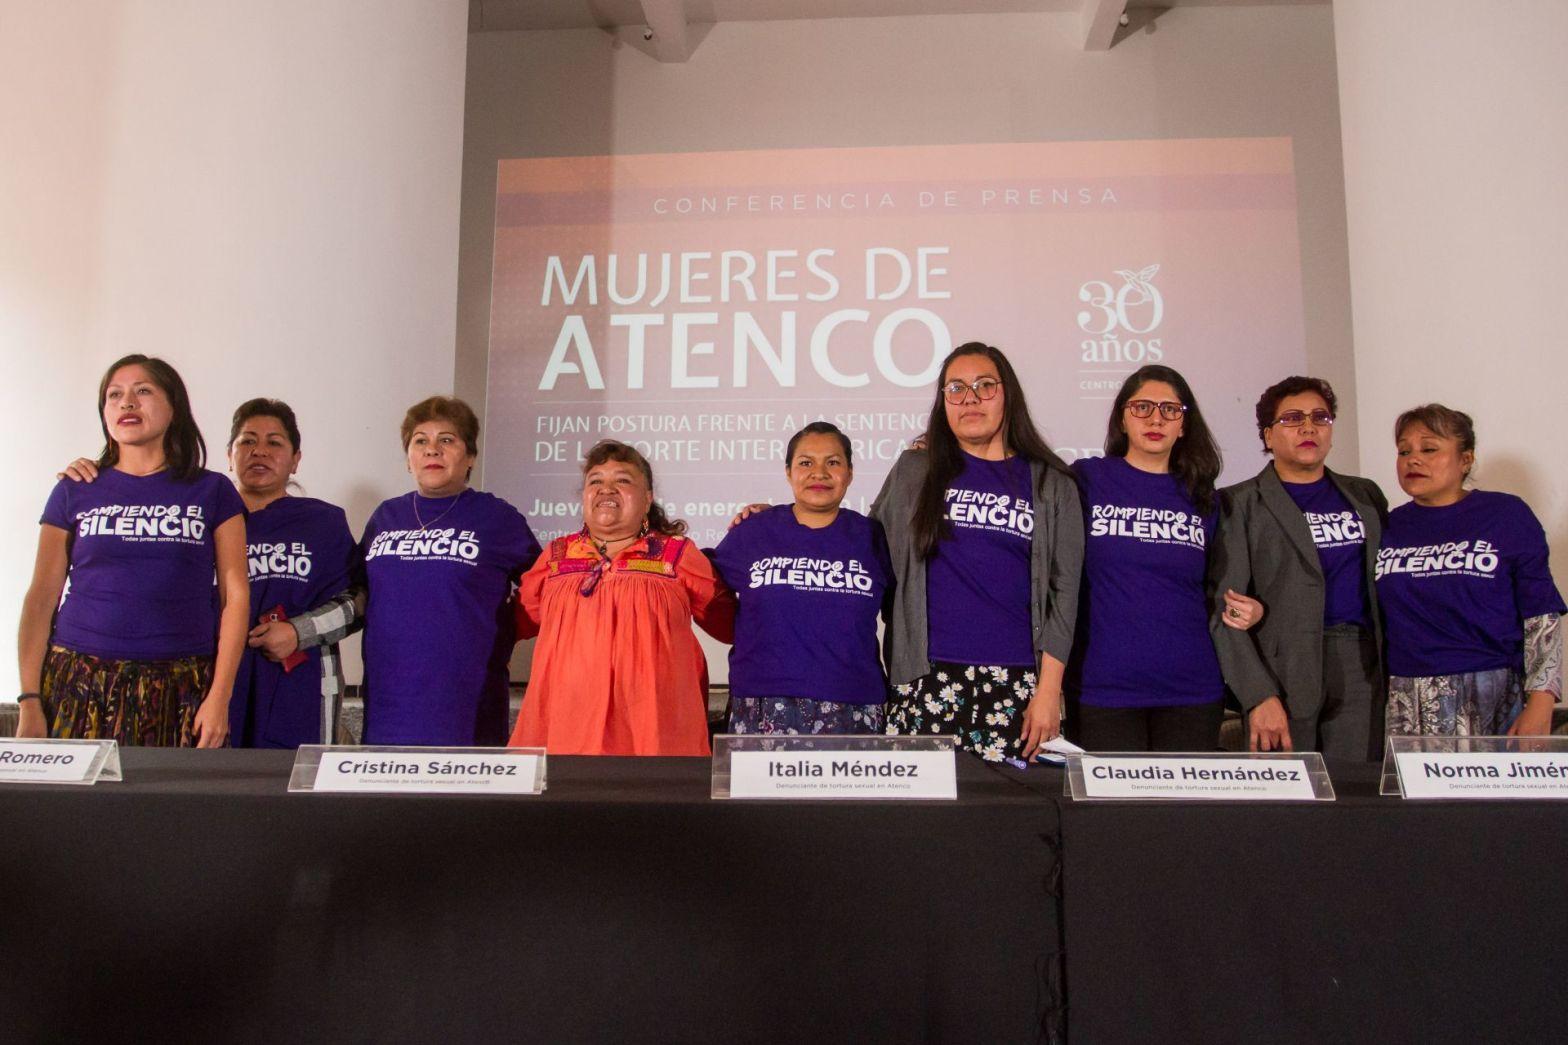 Mujeres sobrevivientes de atenco